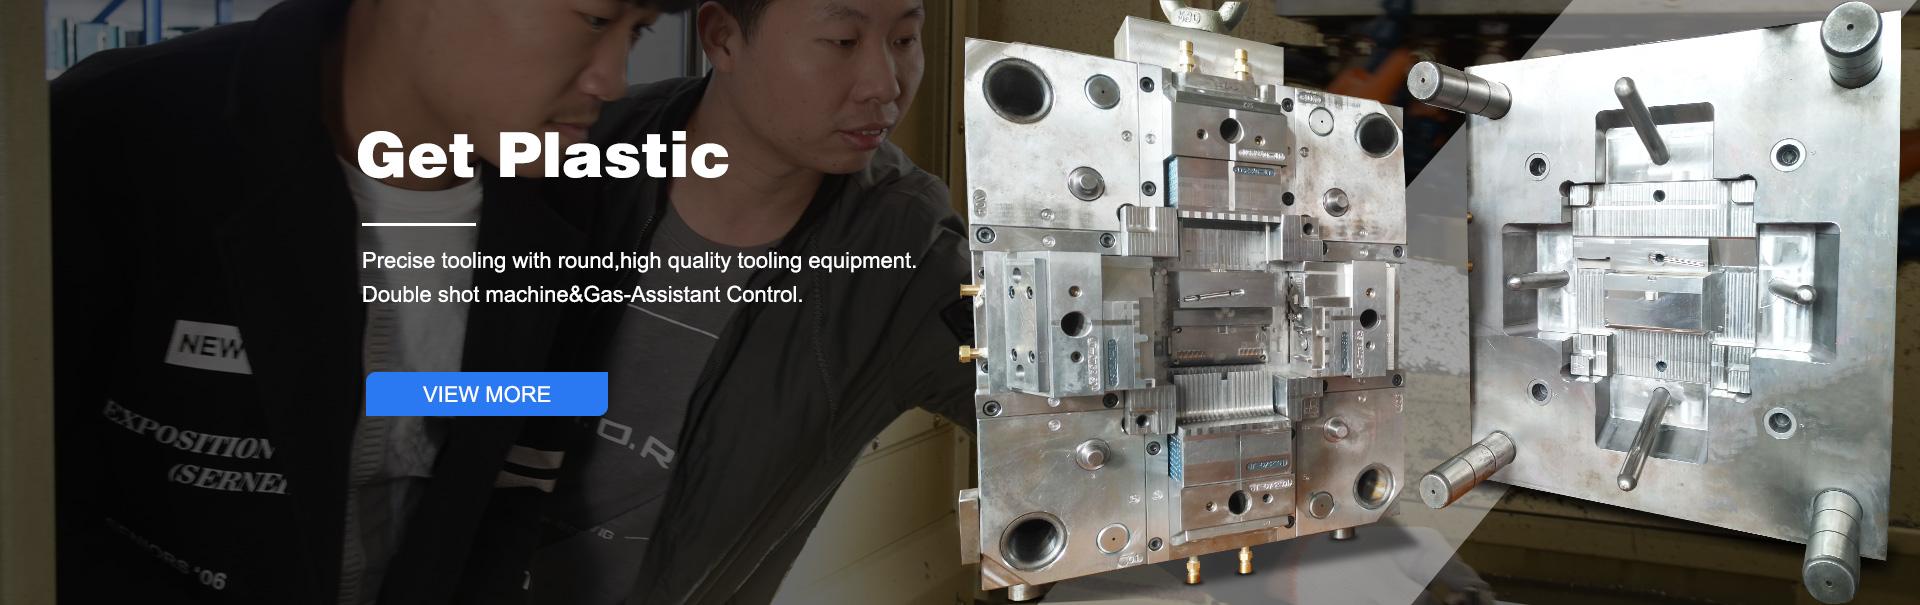 Suzhou Get Plastic